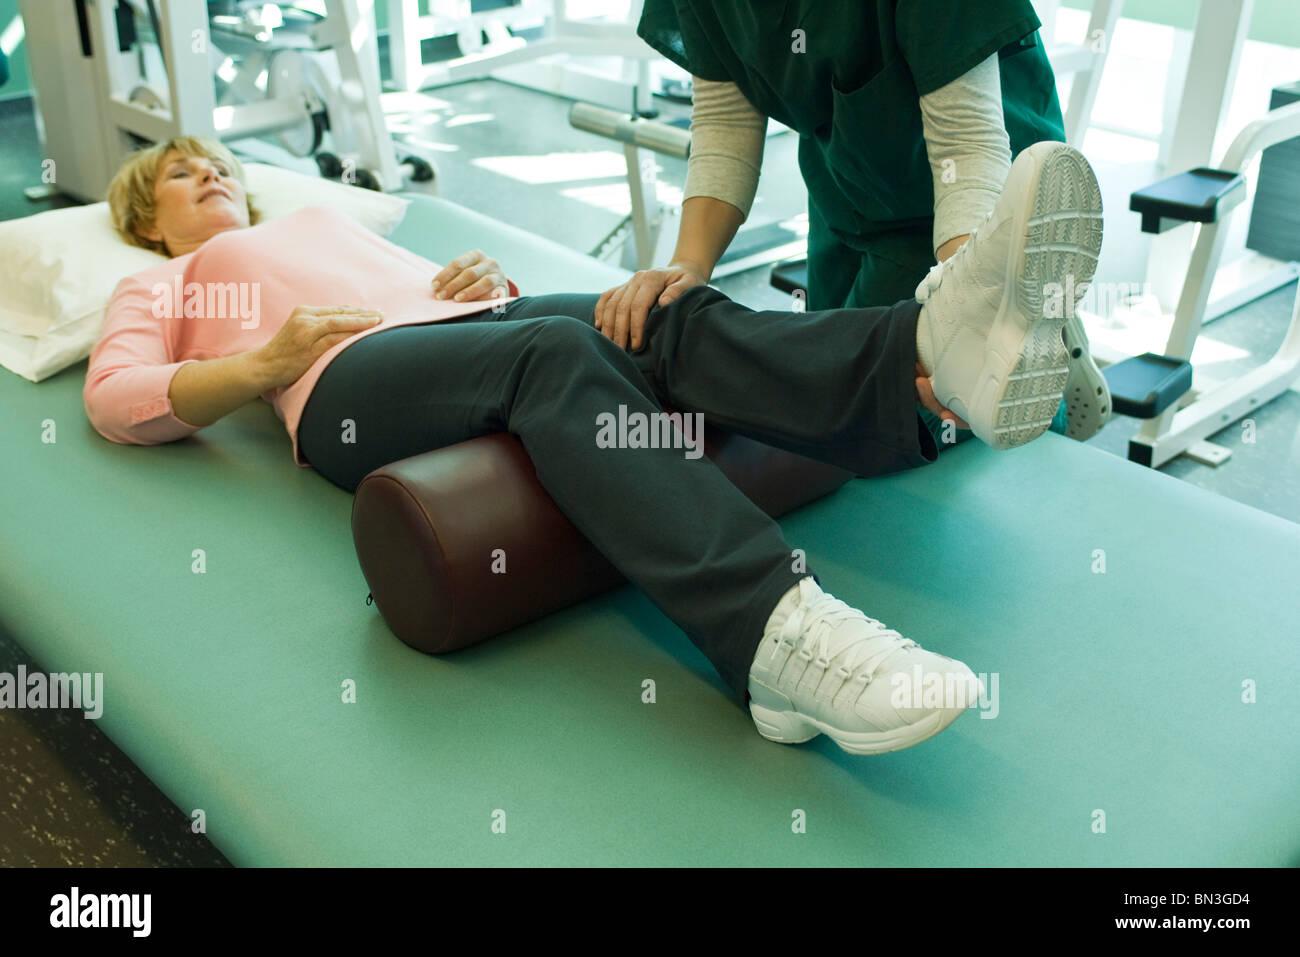 Frau von Physiotherapeuten behandelt zu werden Stockbild